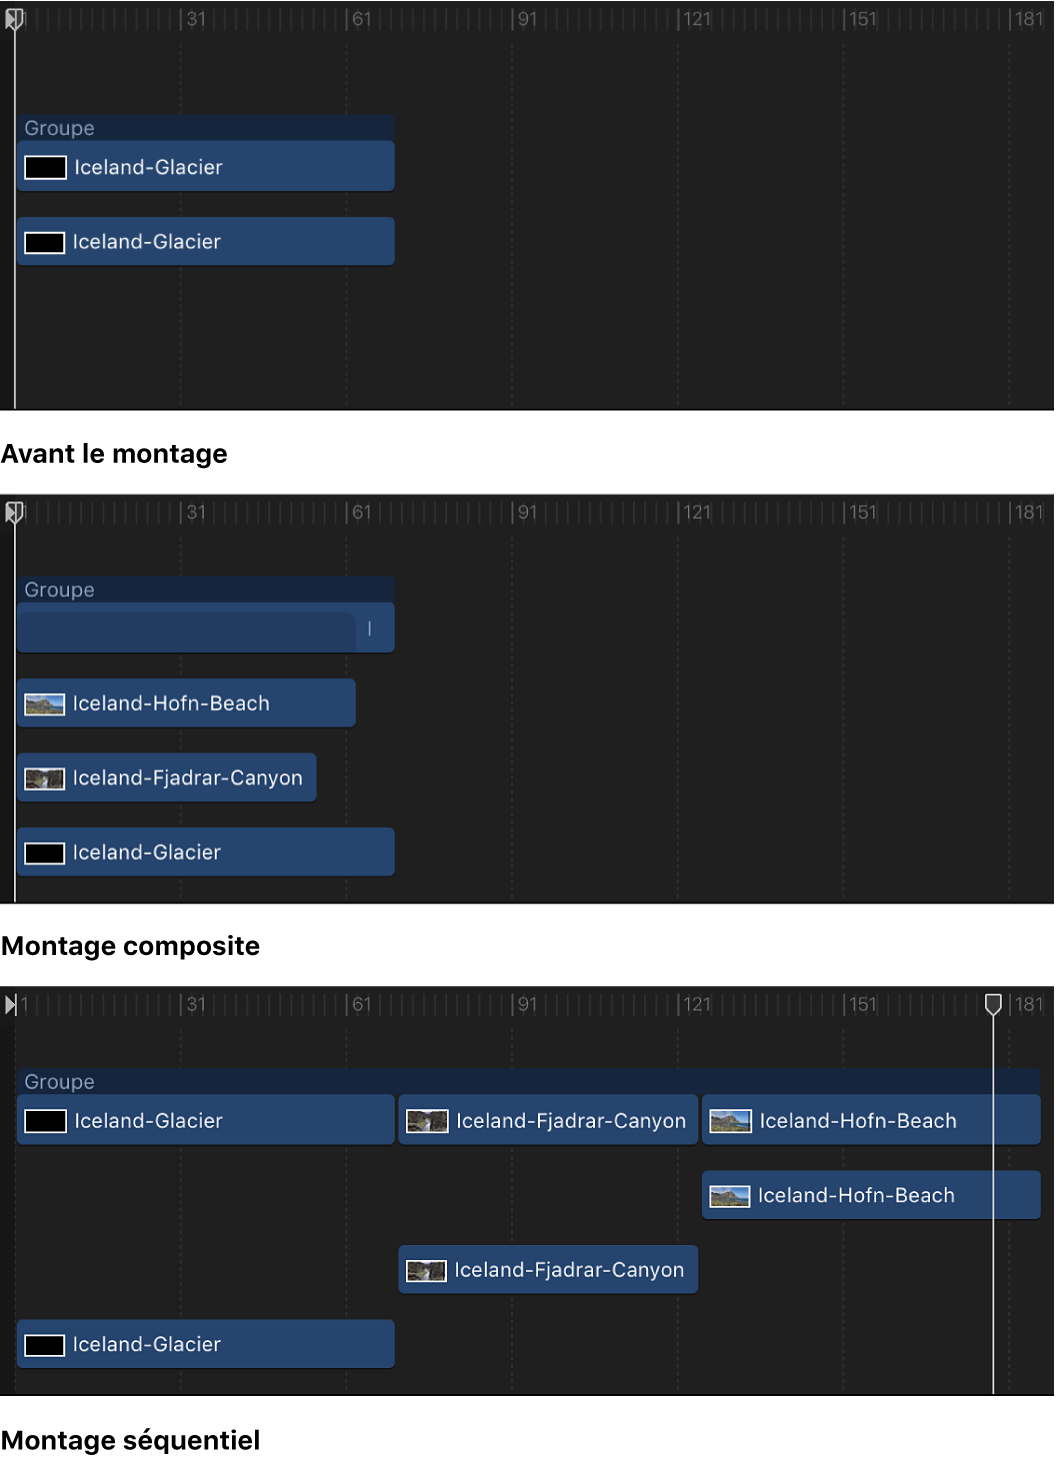 Timeline affichant un plan d'origine dans la timeline, des plans ajoutés à une séquence sous forme de composite et des plans ajoutés séquentiellement